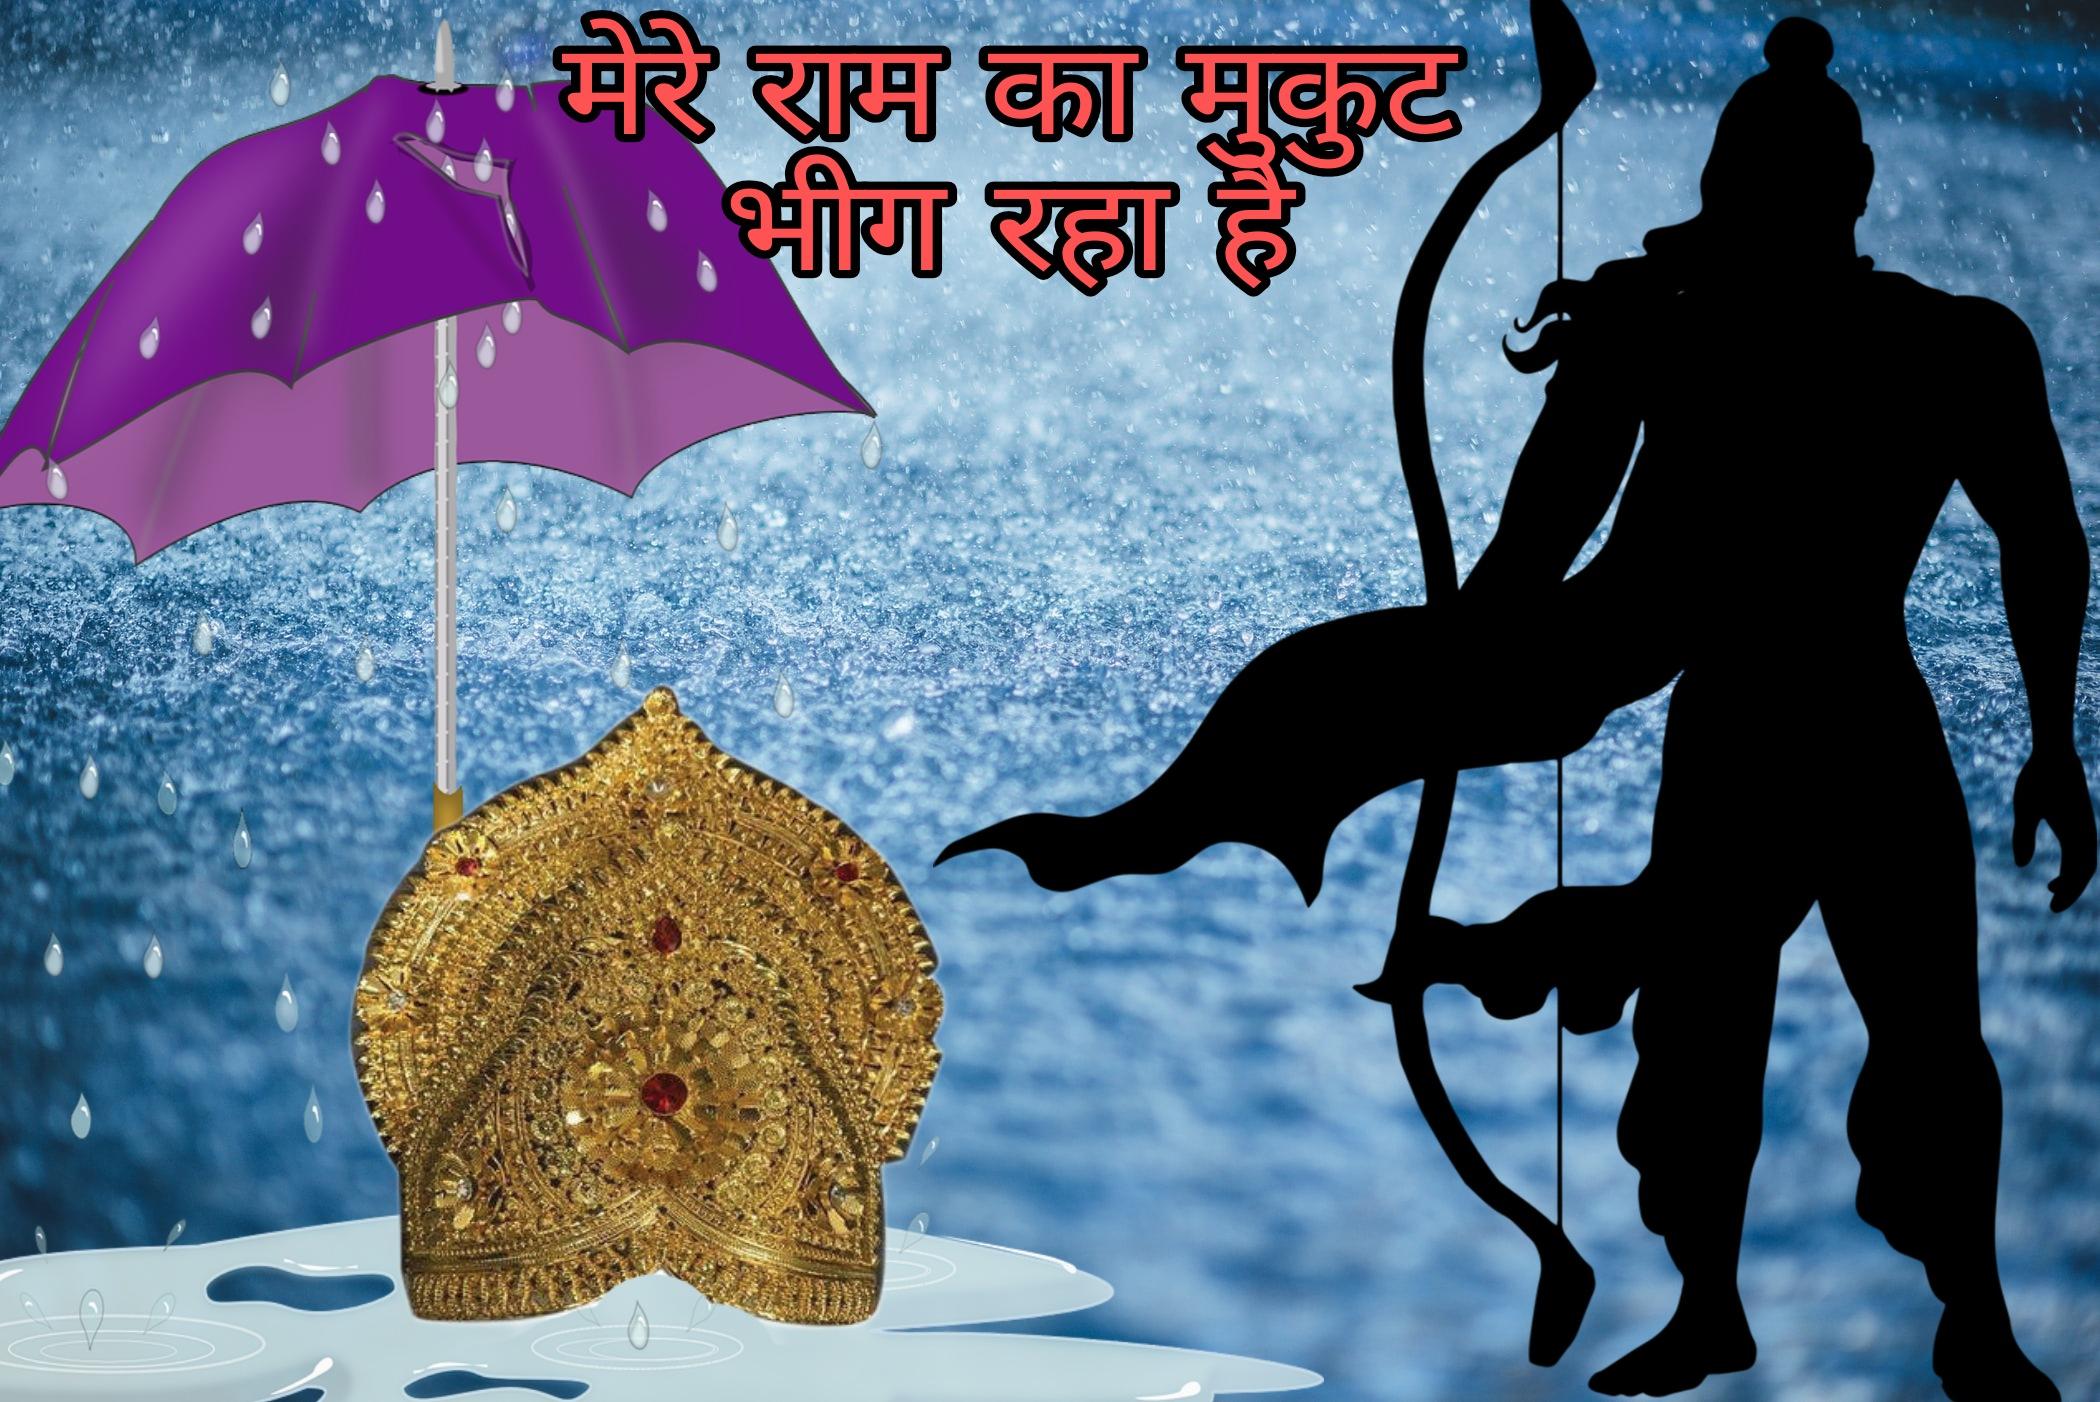 मेरे राम का मुकुट भीग रहा है